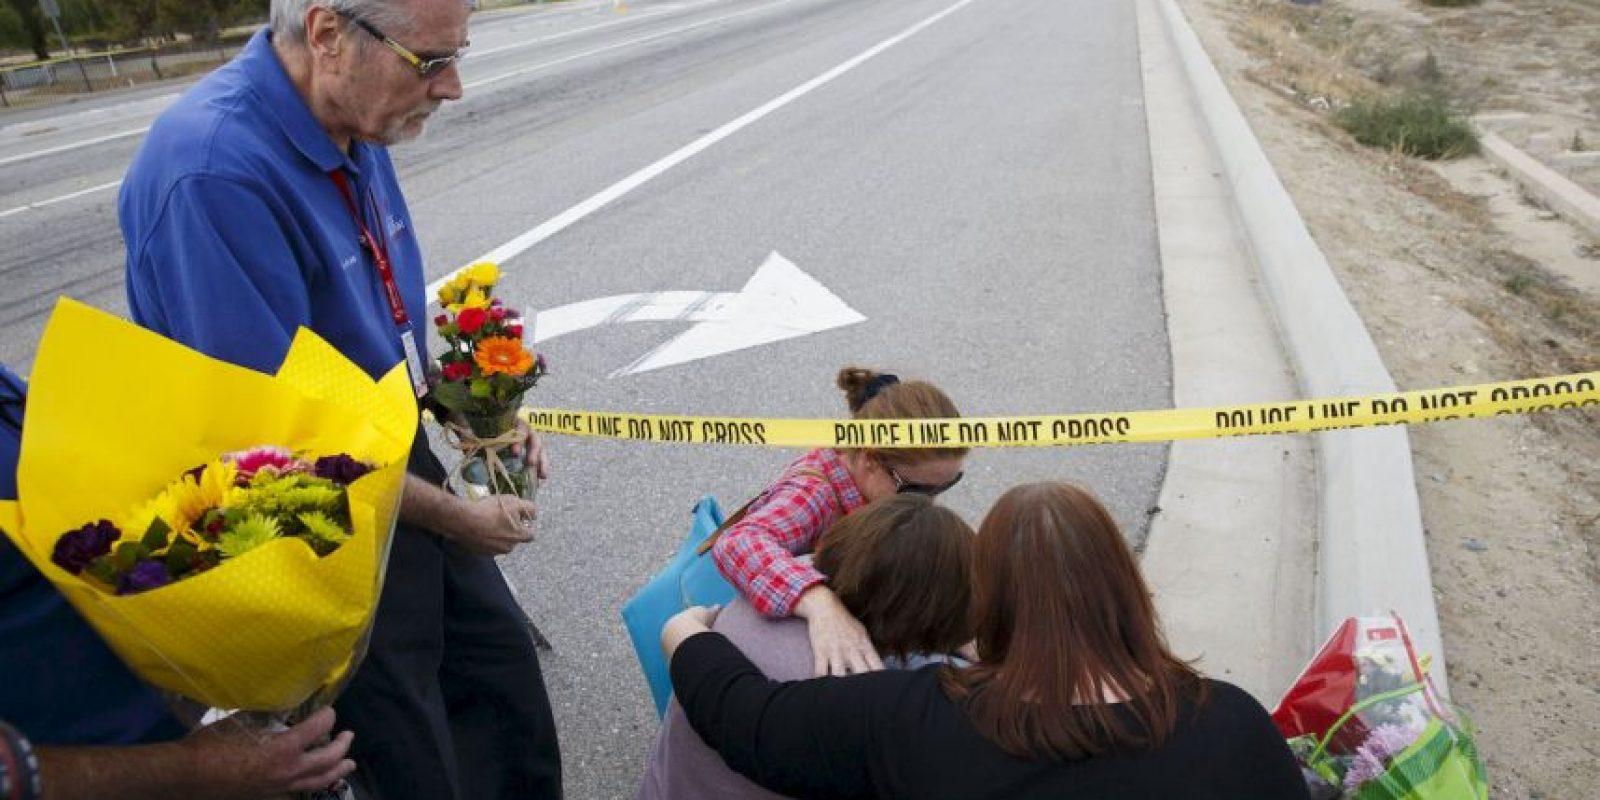 Una mujer, identificada como la prometida de una de las víctimas del atentado en California, deja flores en el lugar de los hechos. Foto:AFP